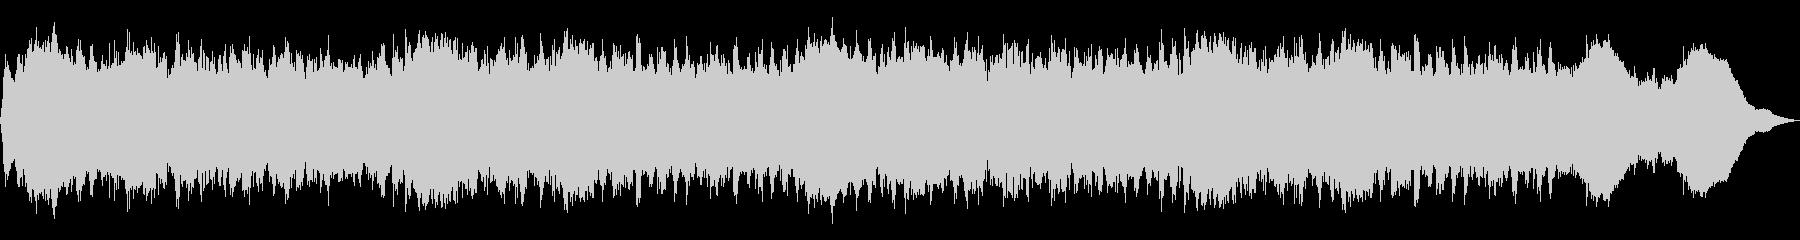 テーマ「走る」30秒BGMの未再生の波形